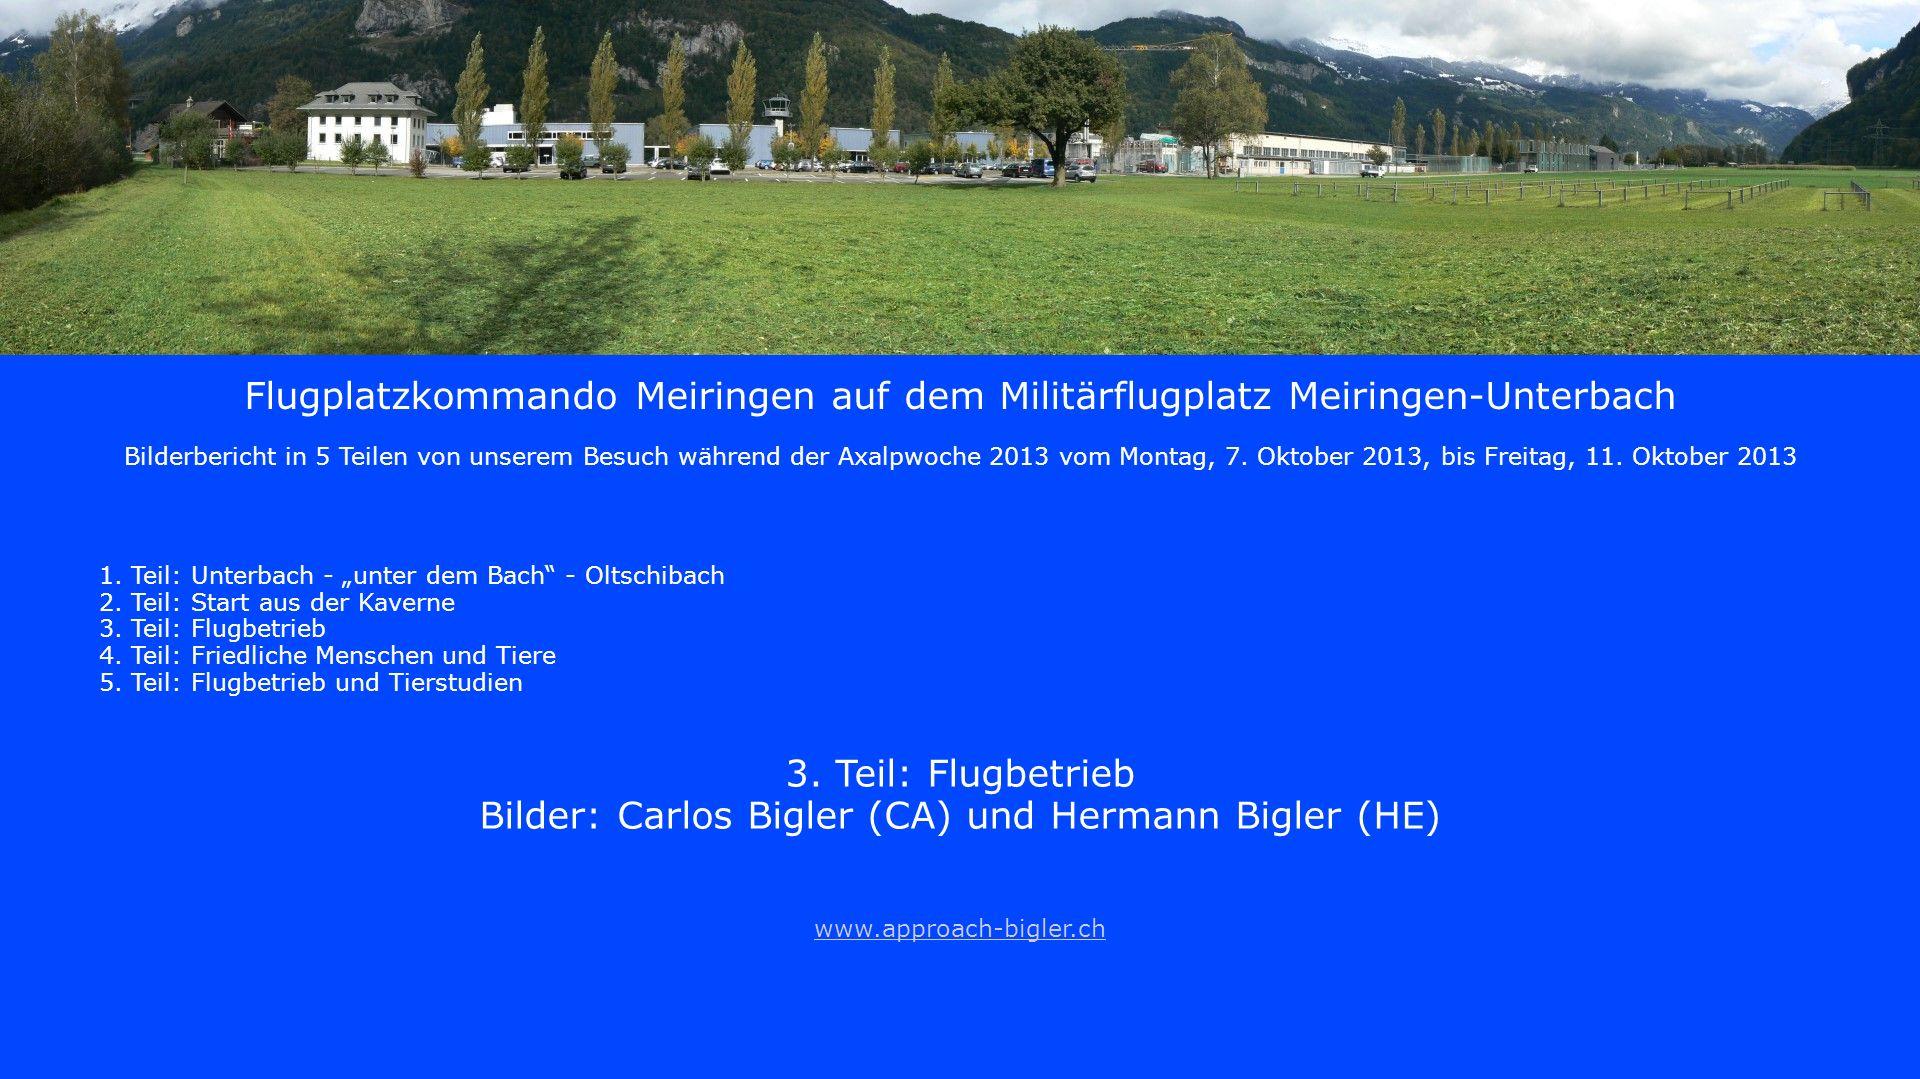 Am Dienstag der diesjährigen Axalpwoche herrscht weiter der normale Alltag der Fliegerstaffel 11.